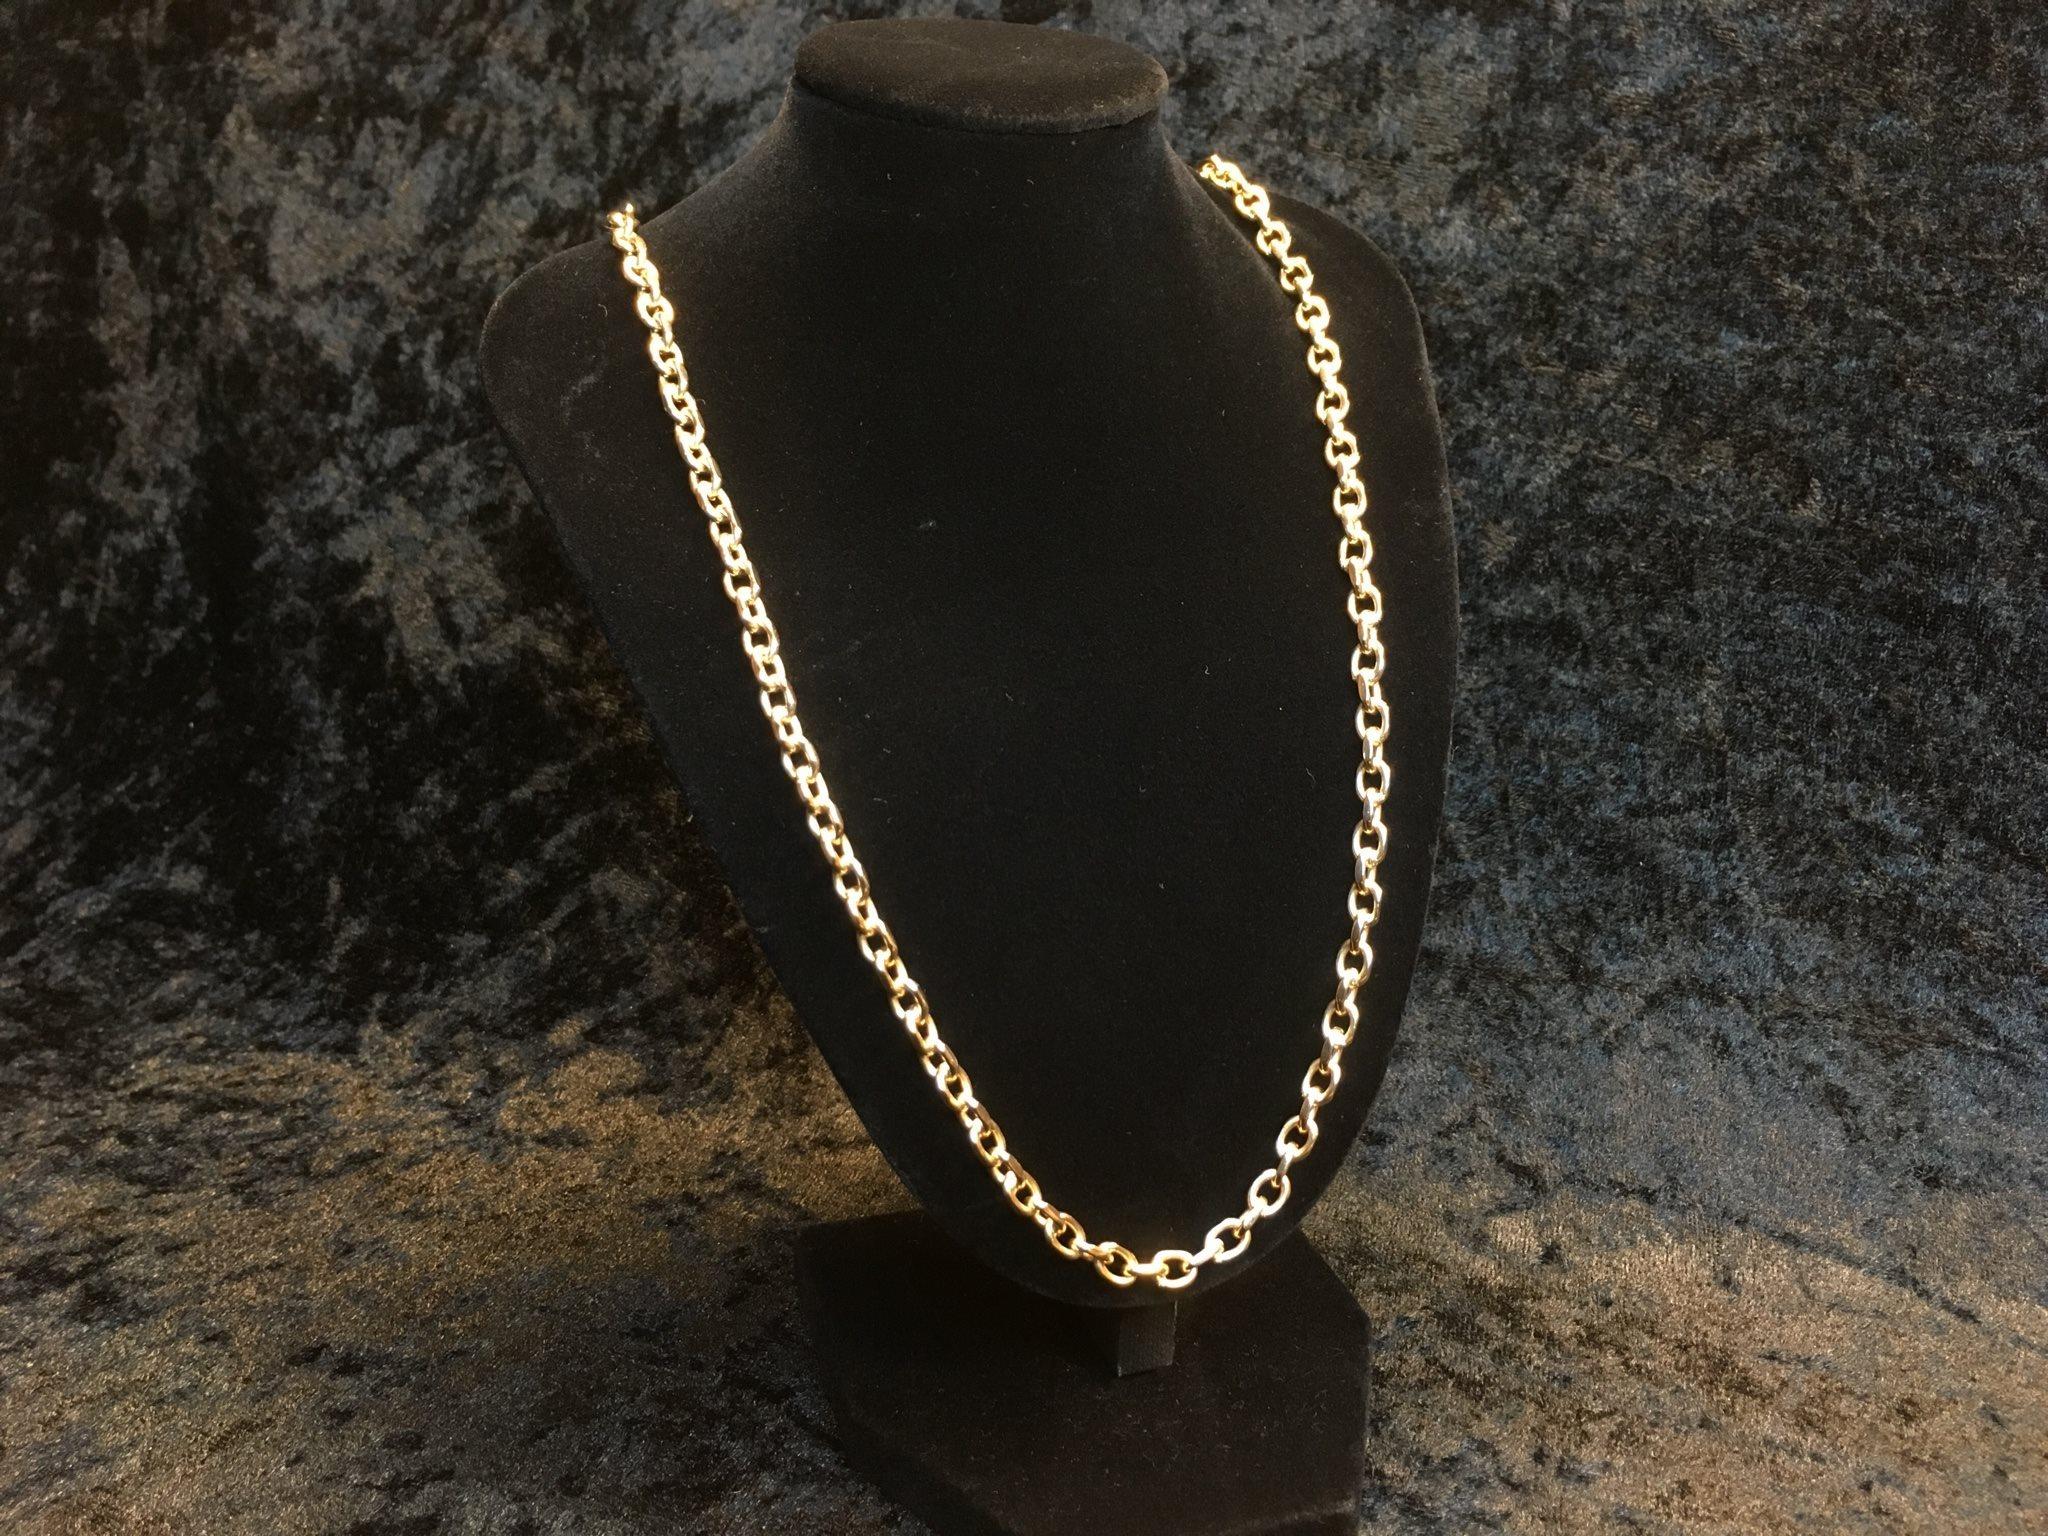 Ankarlänk halsband i 18k guld (332916069) ᐈ Köp på Tradera 274ffc6c8c571